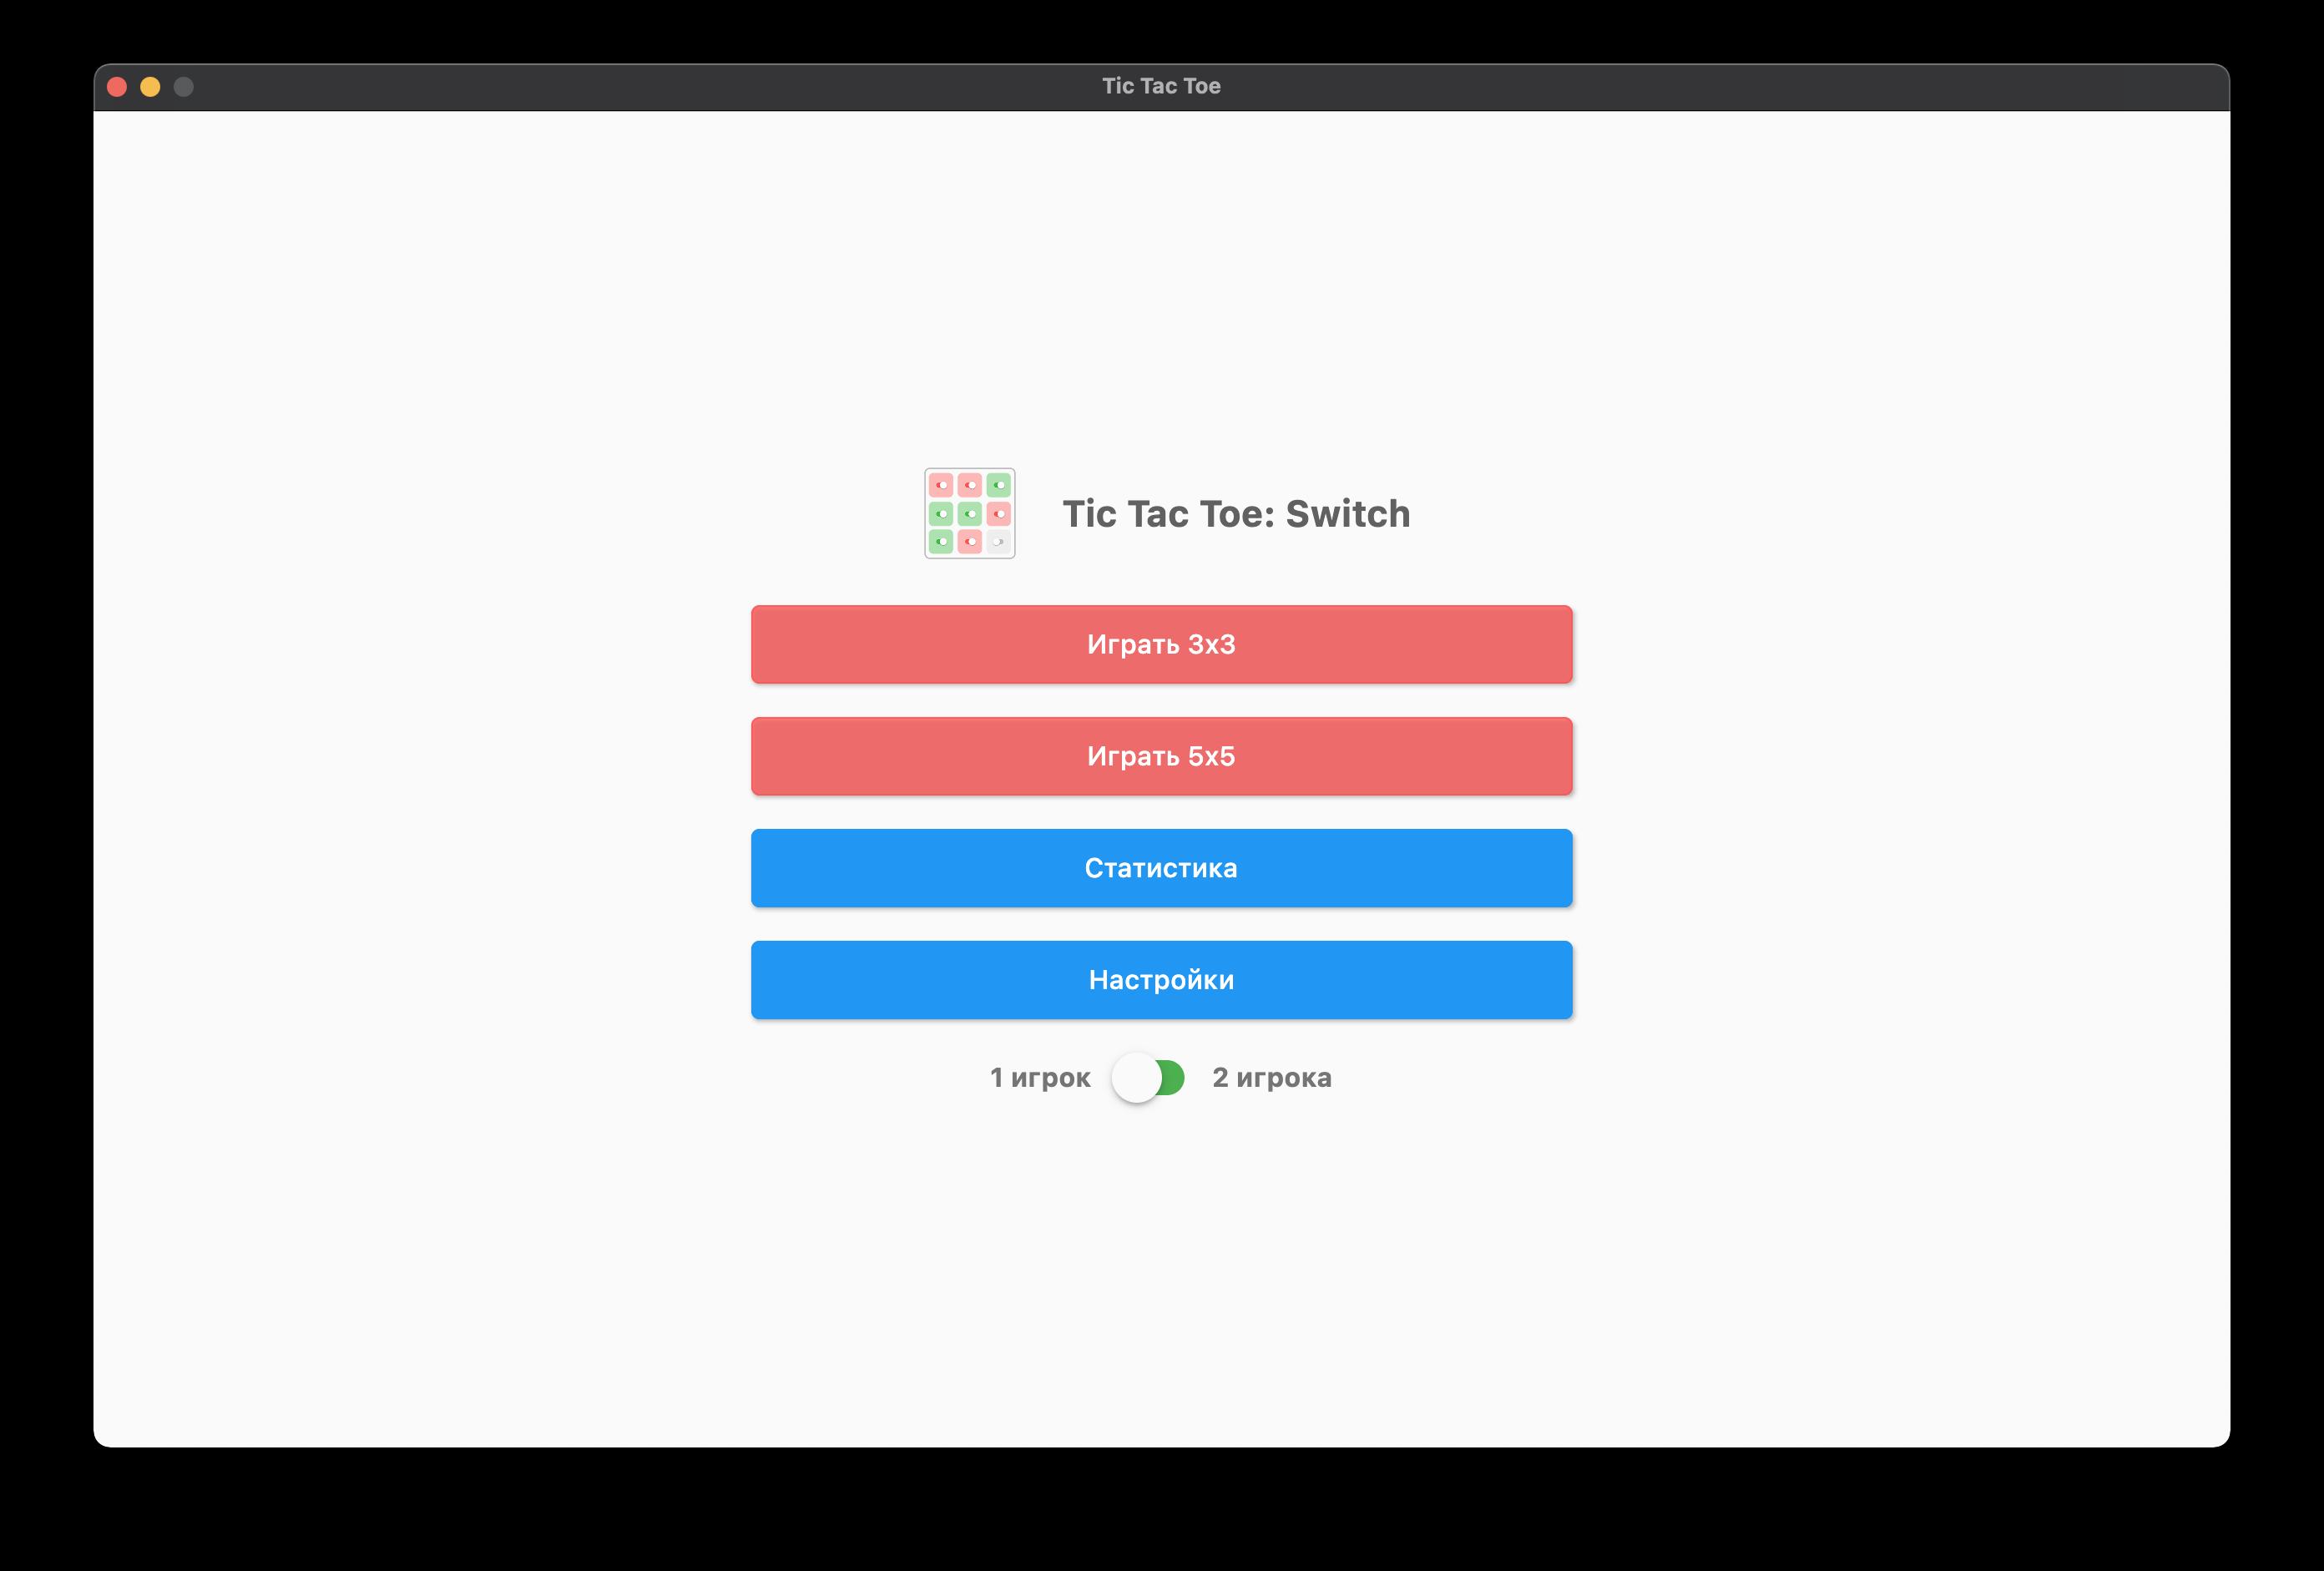 Игра Tic Tac Toe: Switch для Mac OS на Flutter